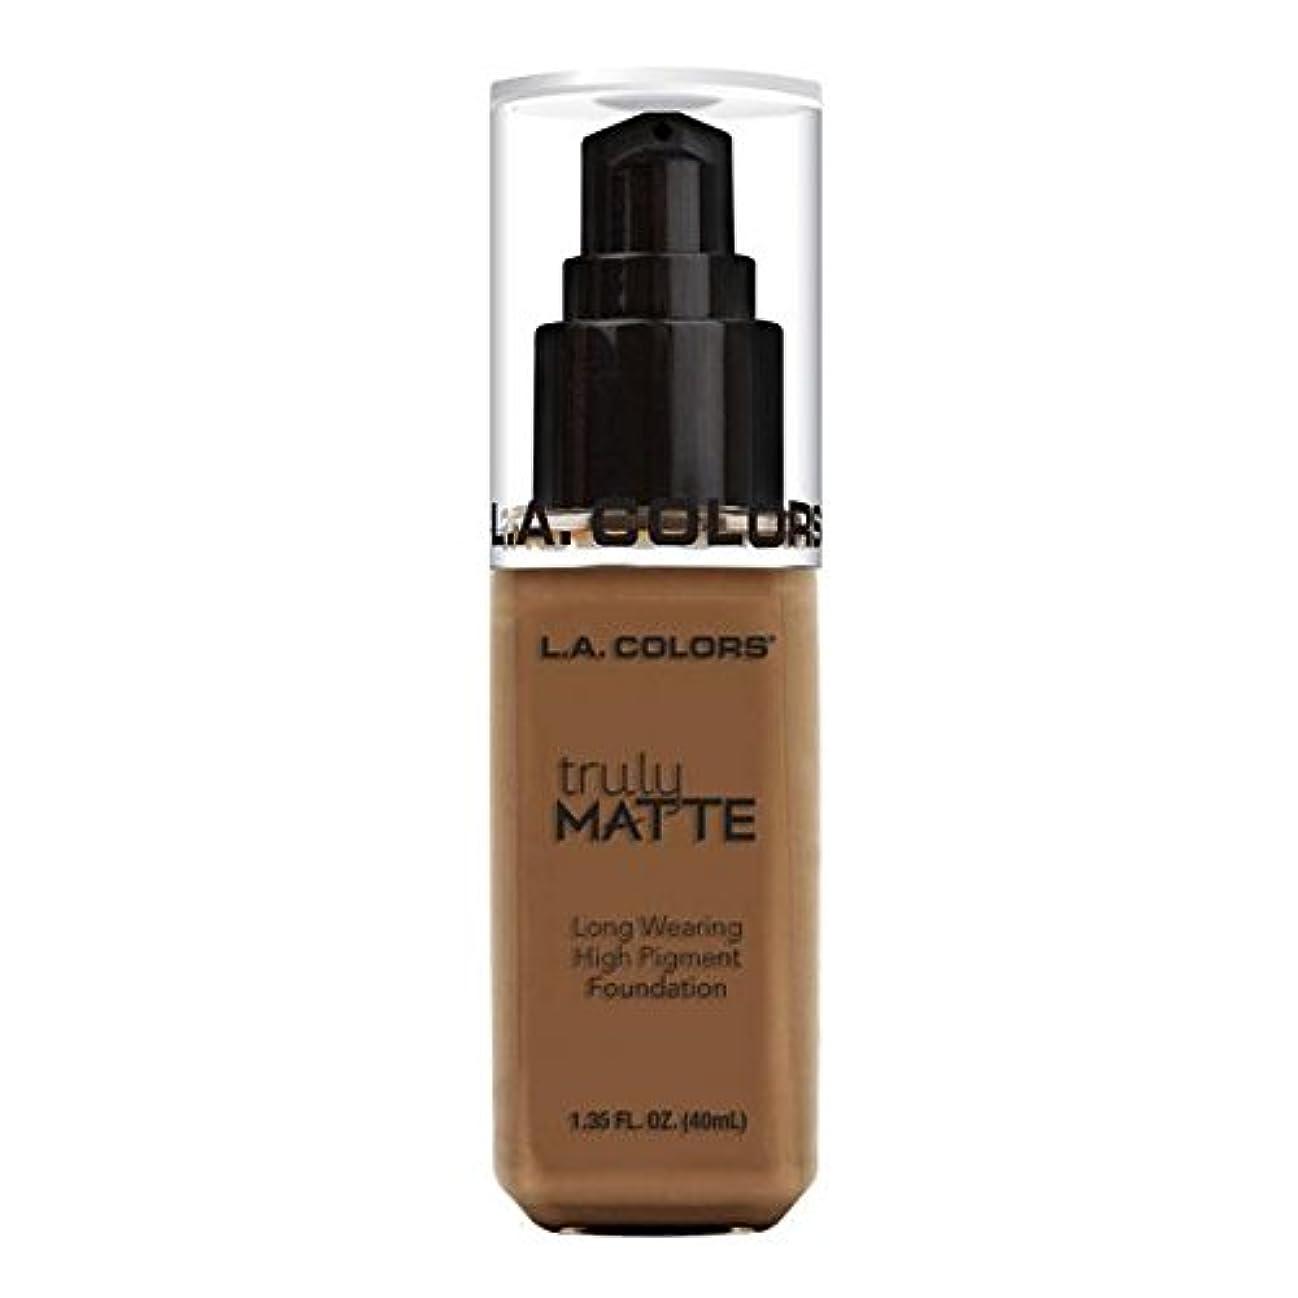 哲学者事前に幸運な(6 Pack) L.A. COLORS Truly Matte Foundation - Cappuccino (並行輸入品)